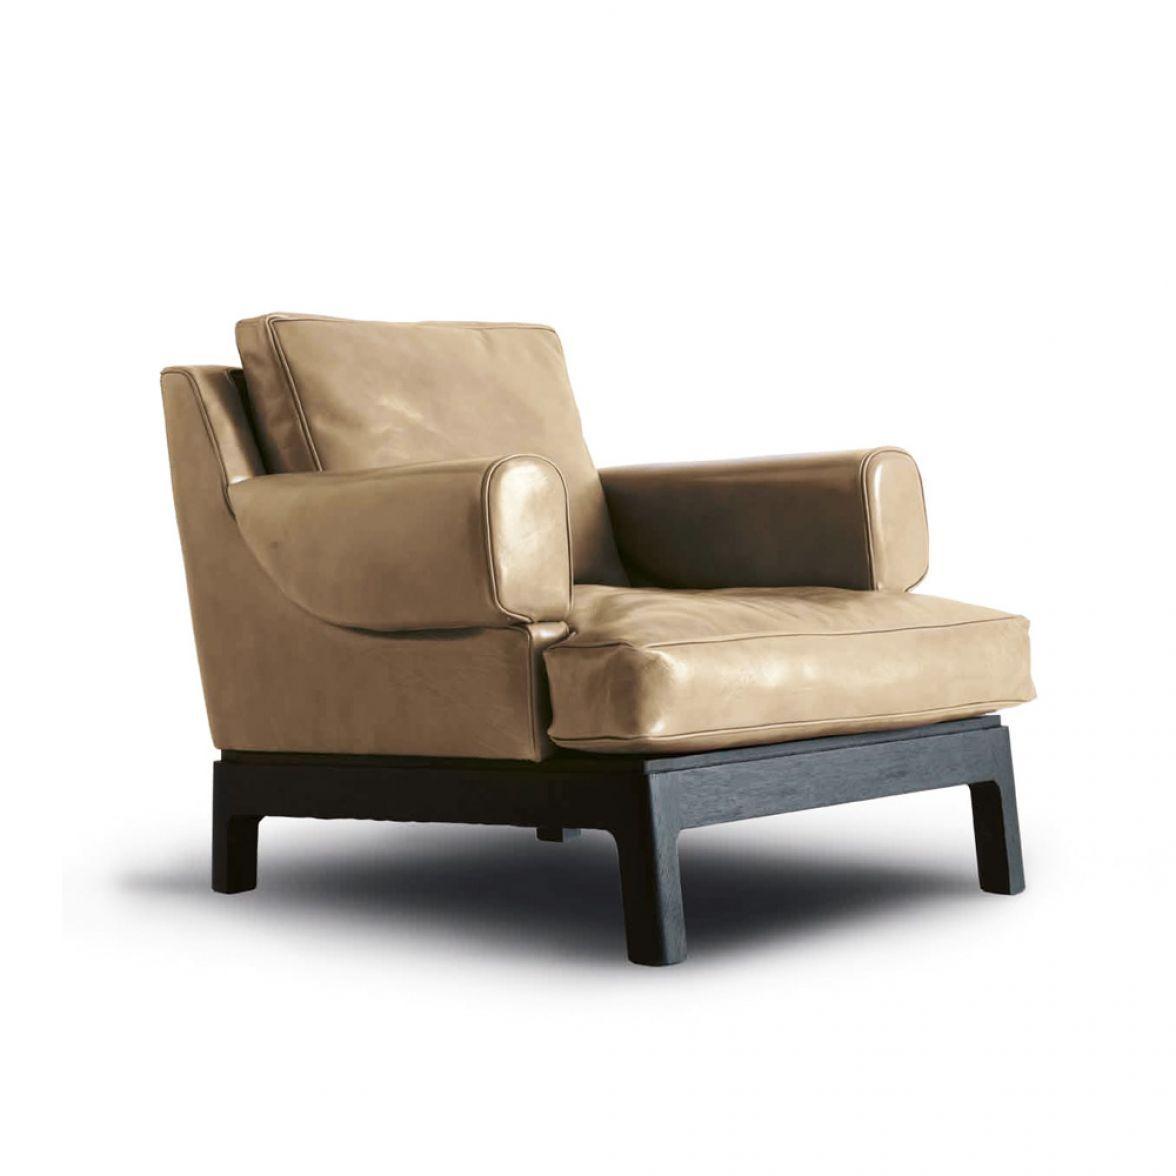 Taylor armchair